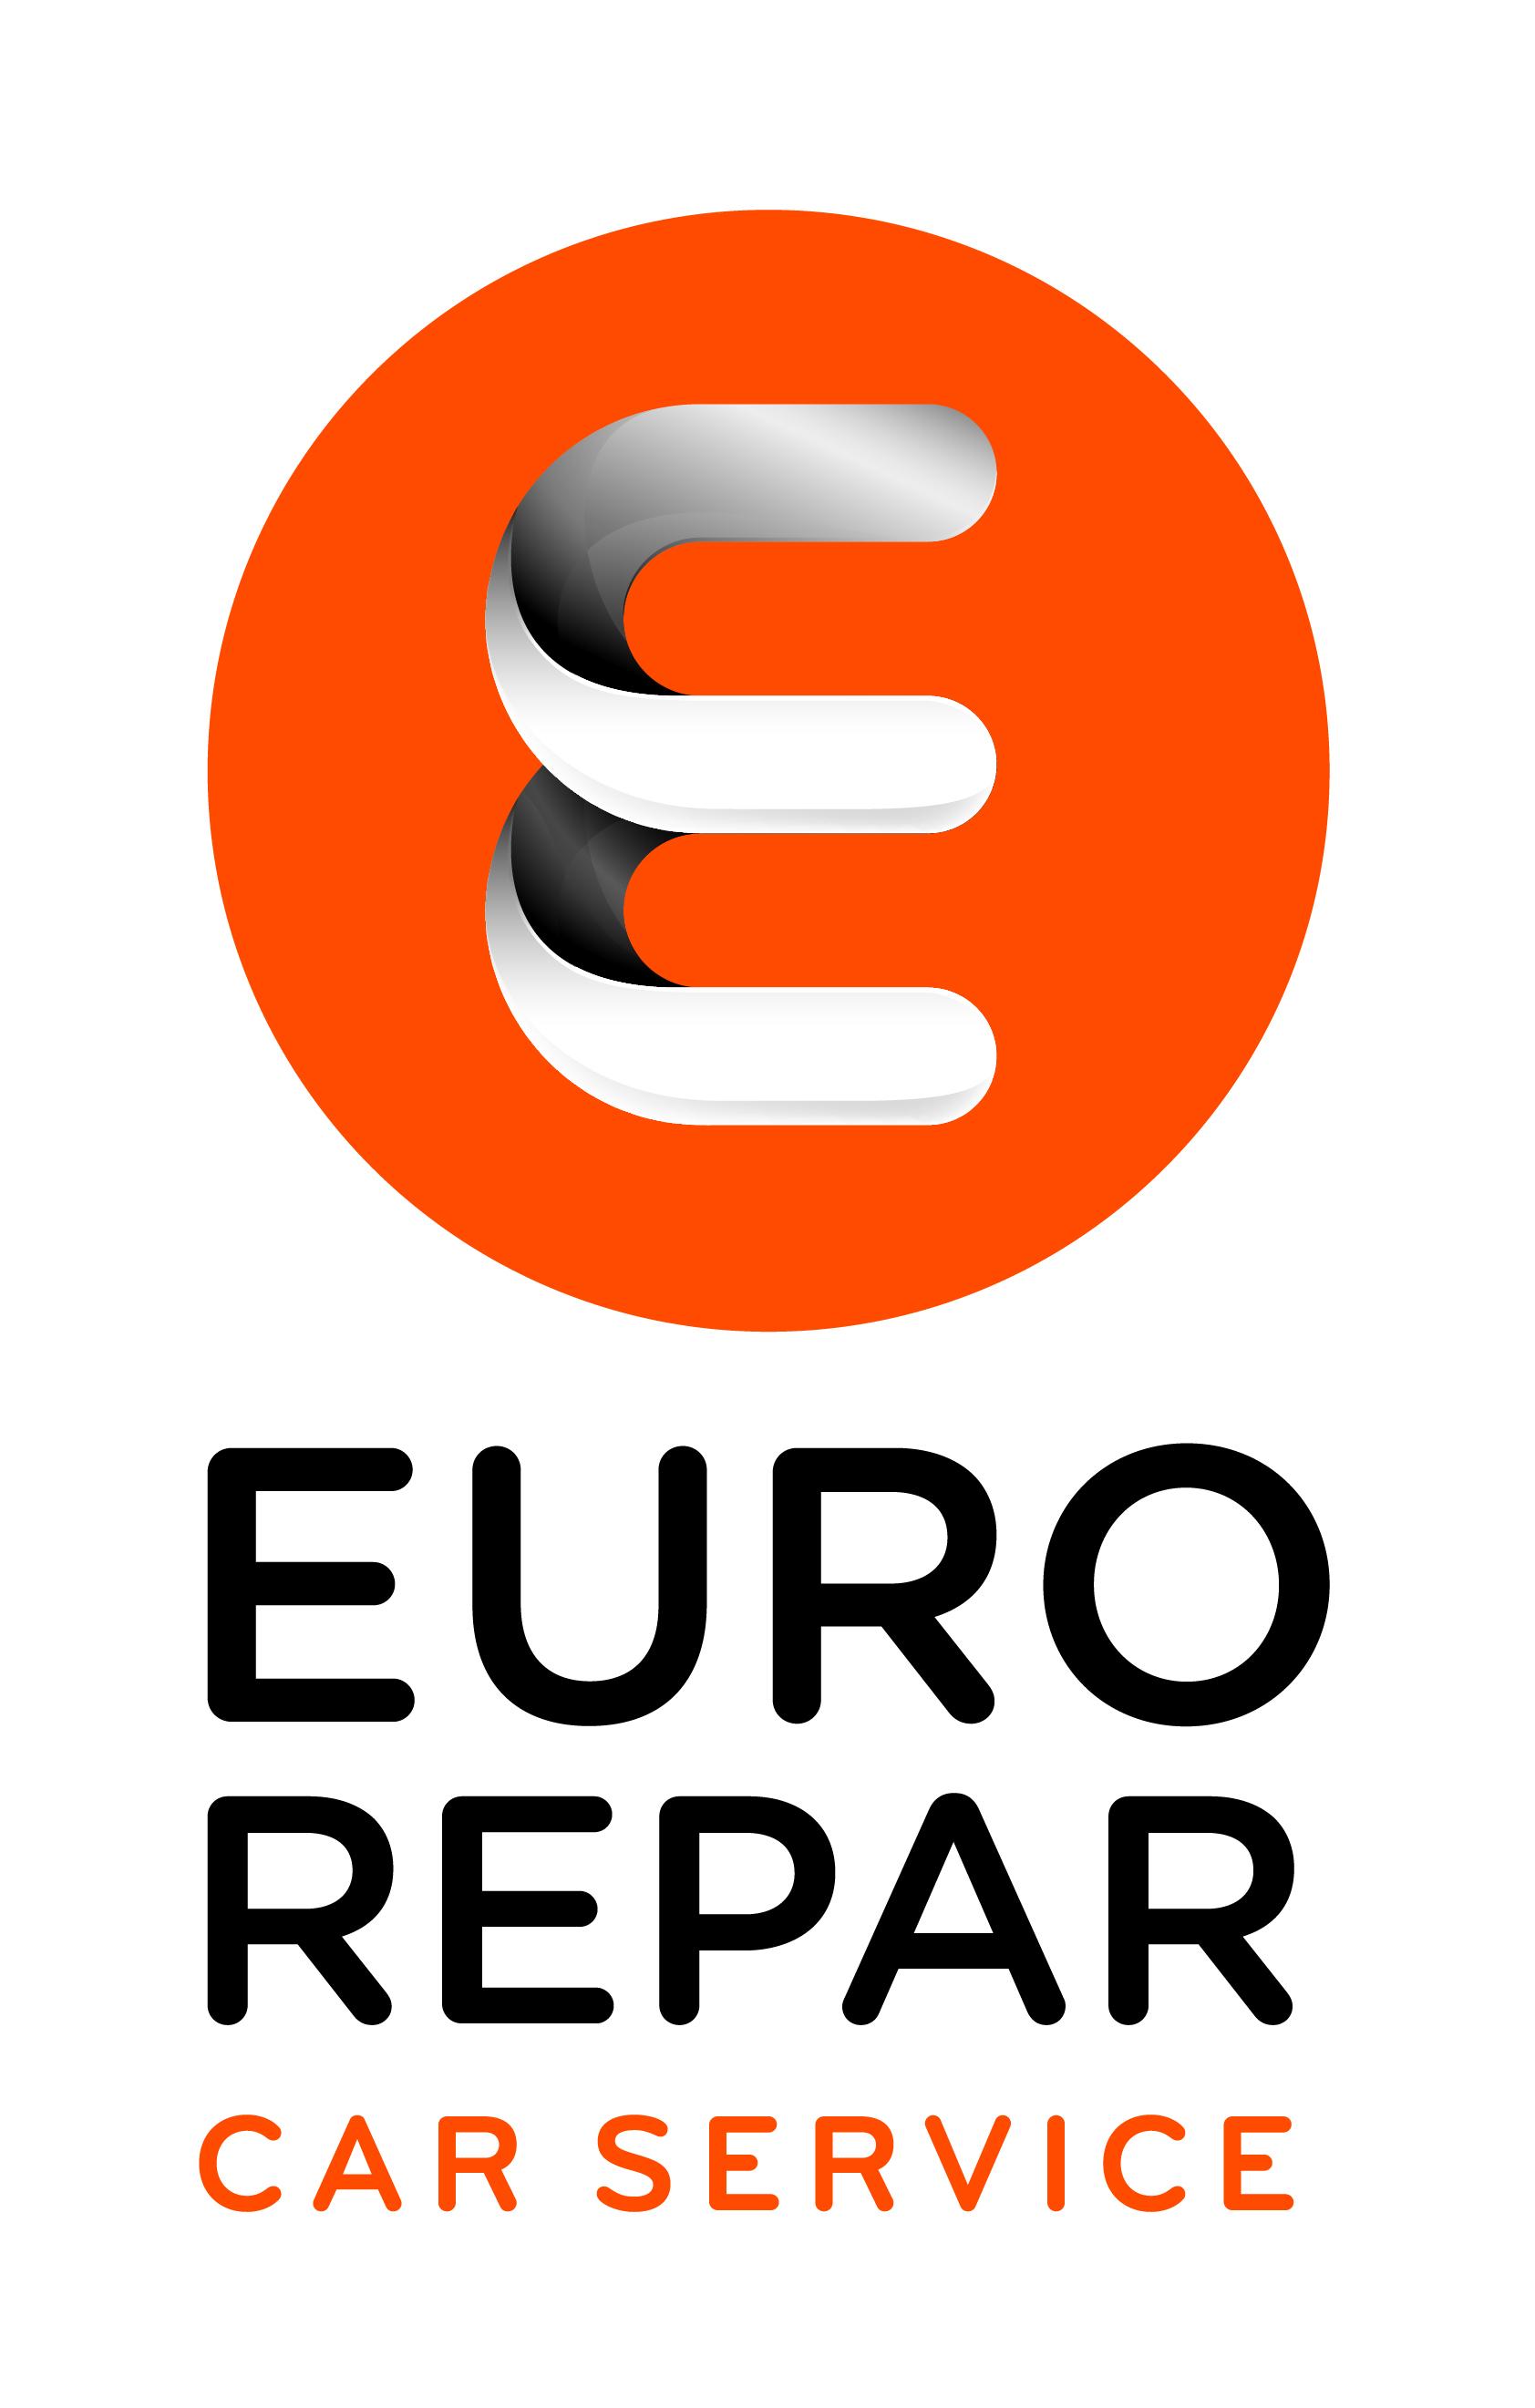 EURO REPAR - RIVOIRE AUTOS logo